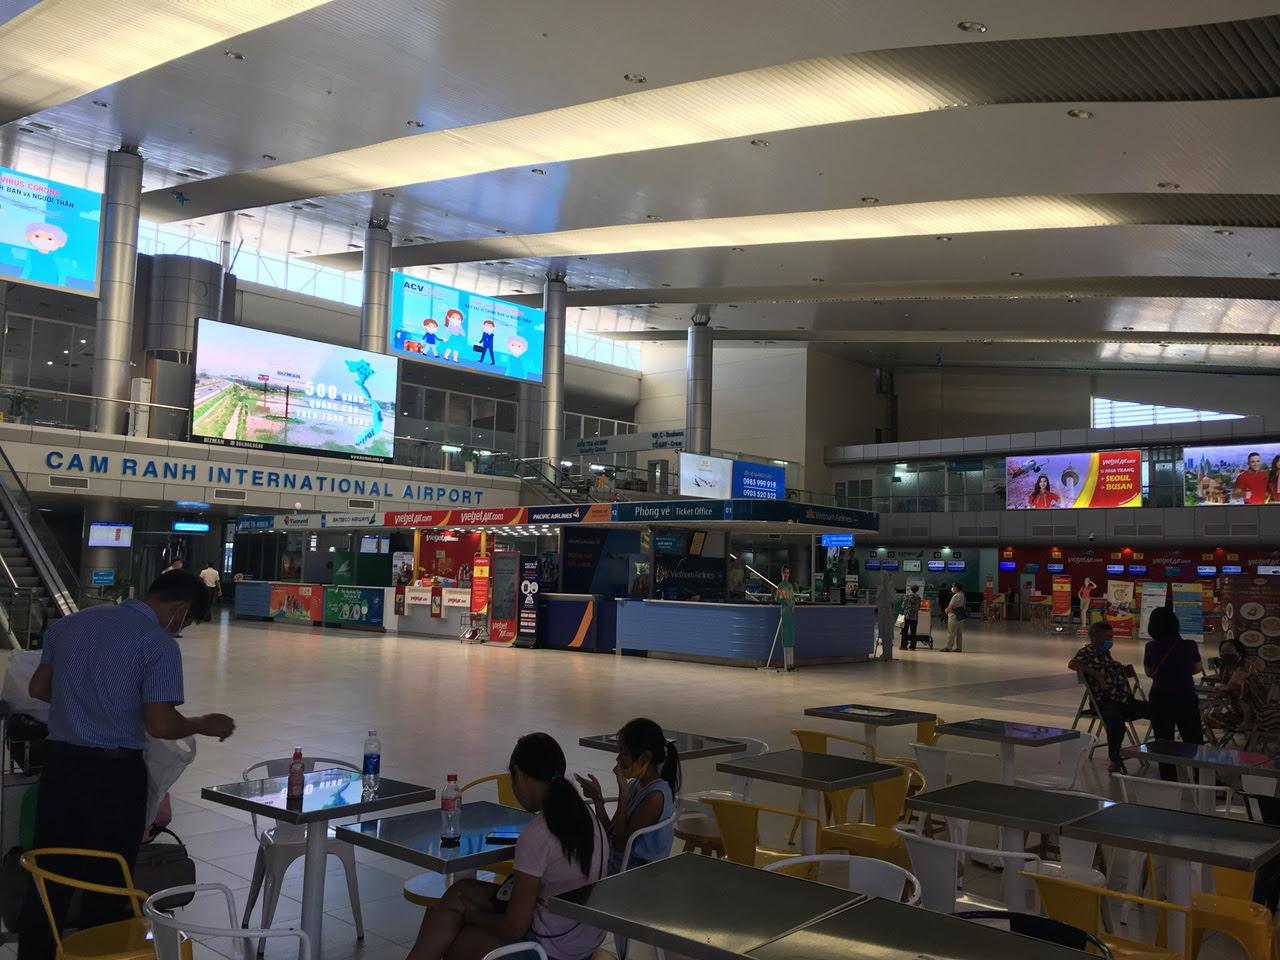 Khánh Hòa: Đón chuyến bay quốc tế đầu tiên từ Incheon đến Cam Ranh - Ảnh 2.